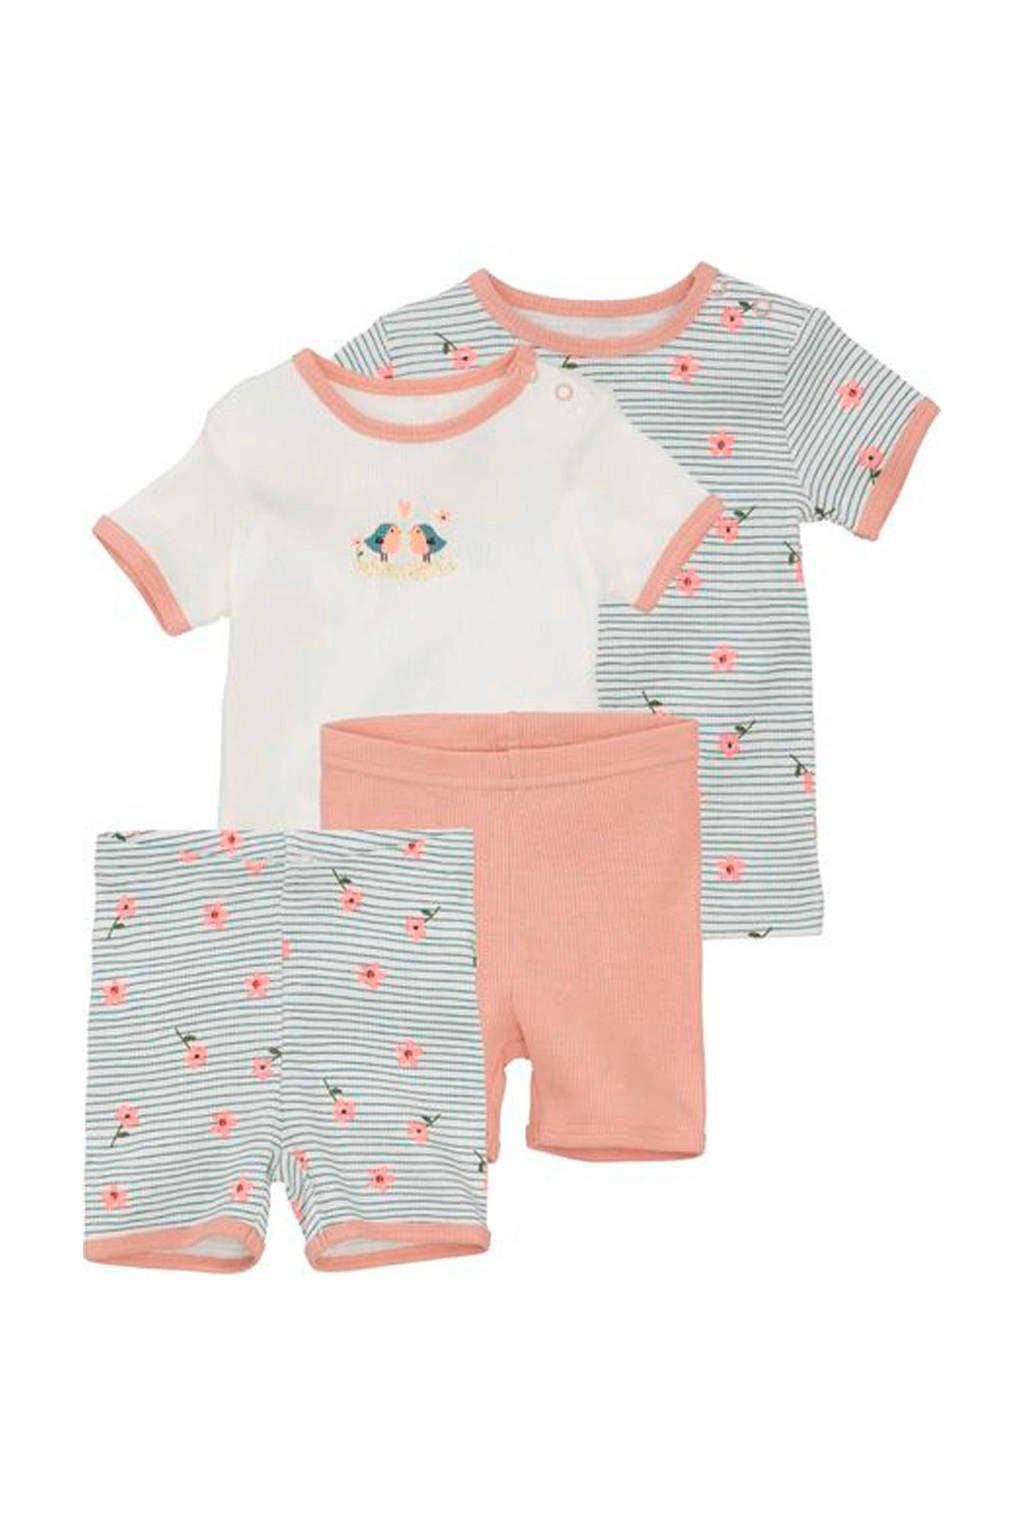 HEMA baby shortama - set van 2, Zalm/wit